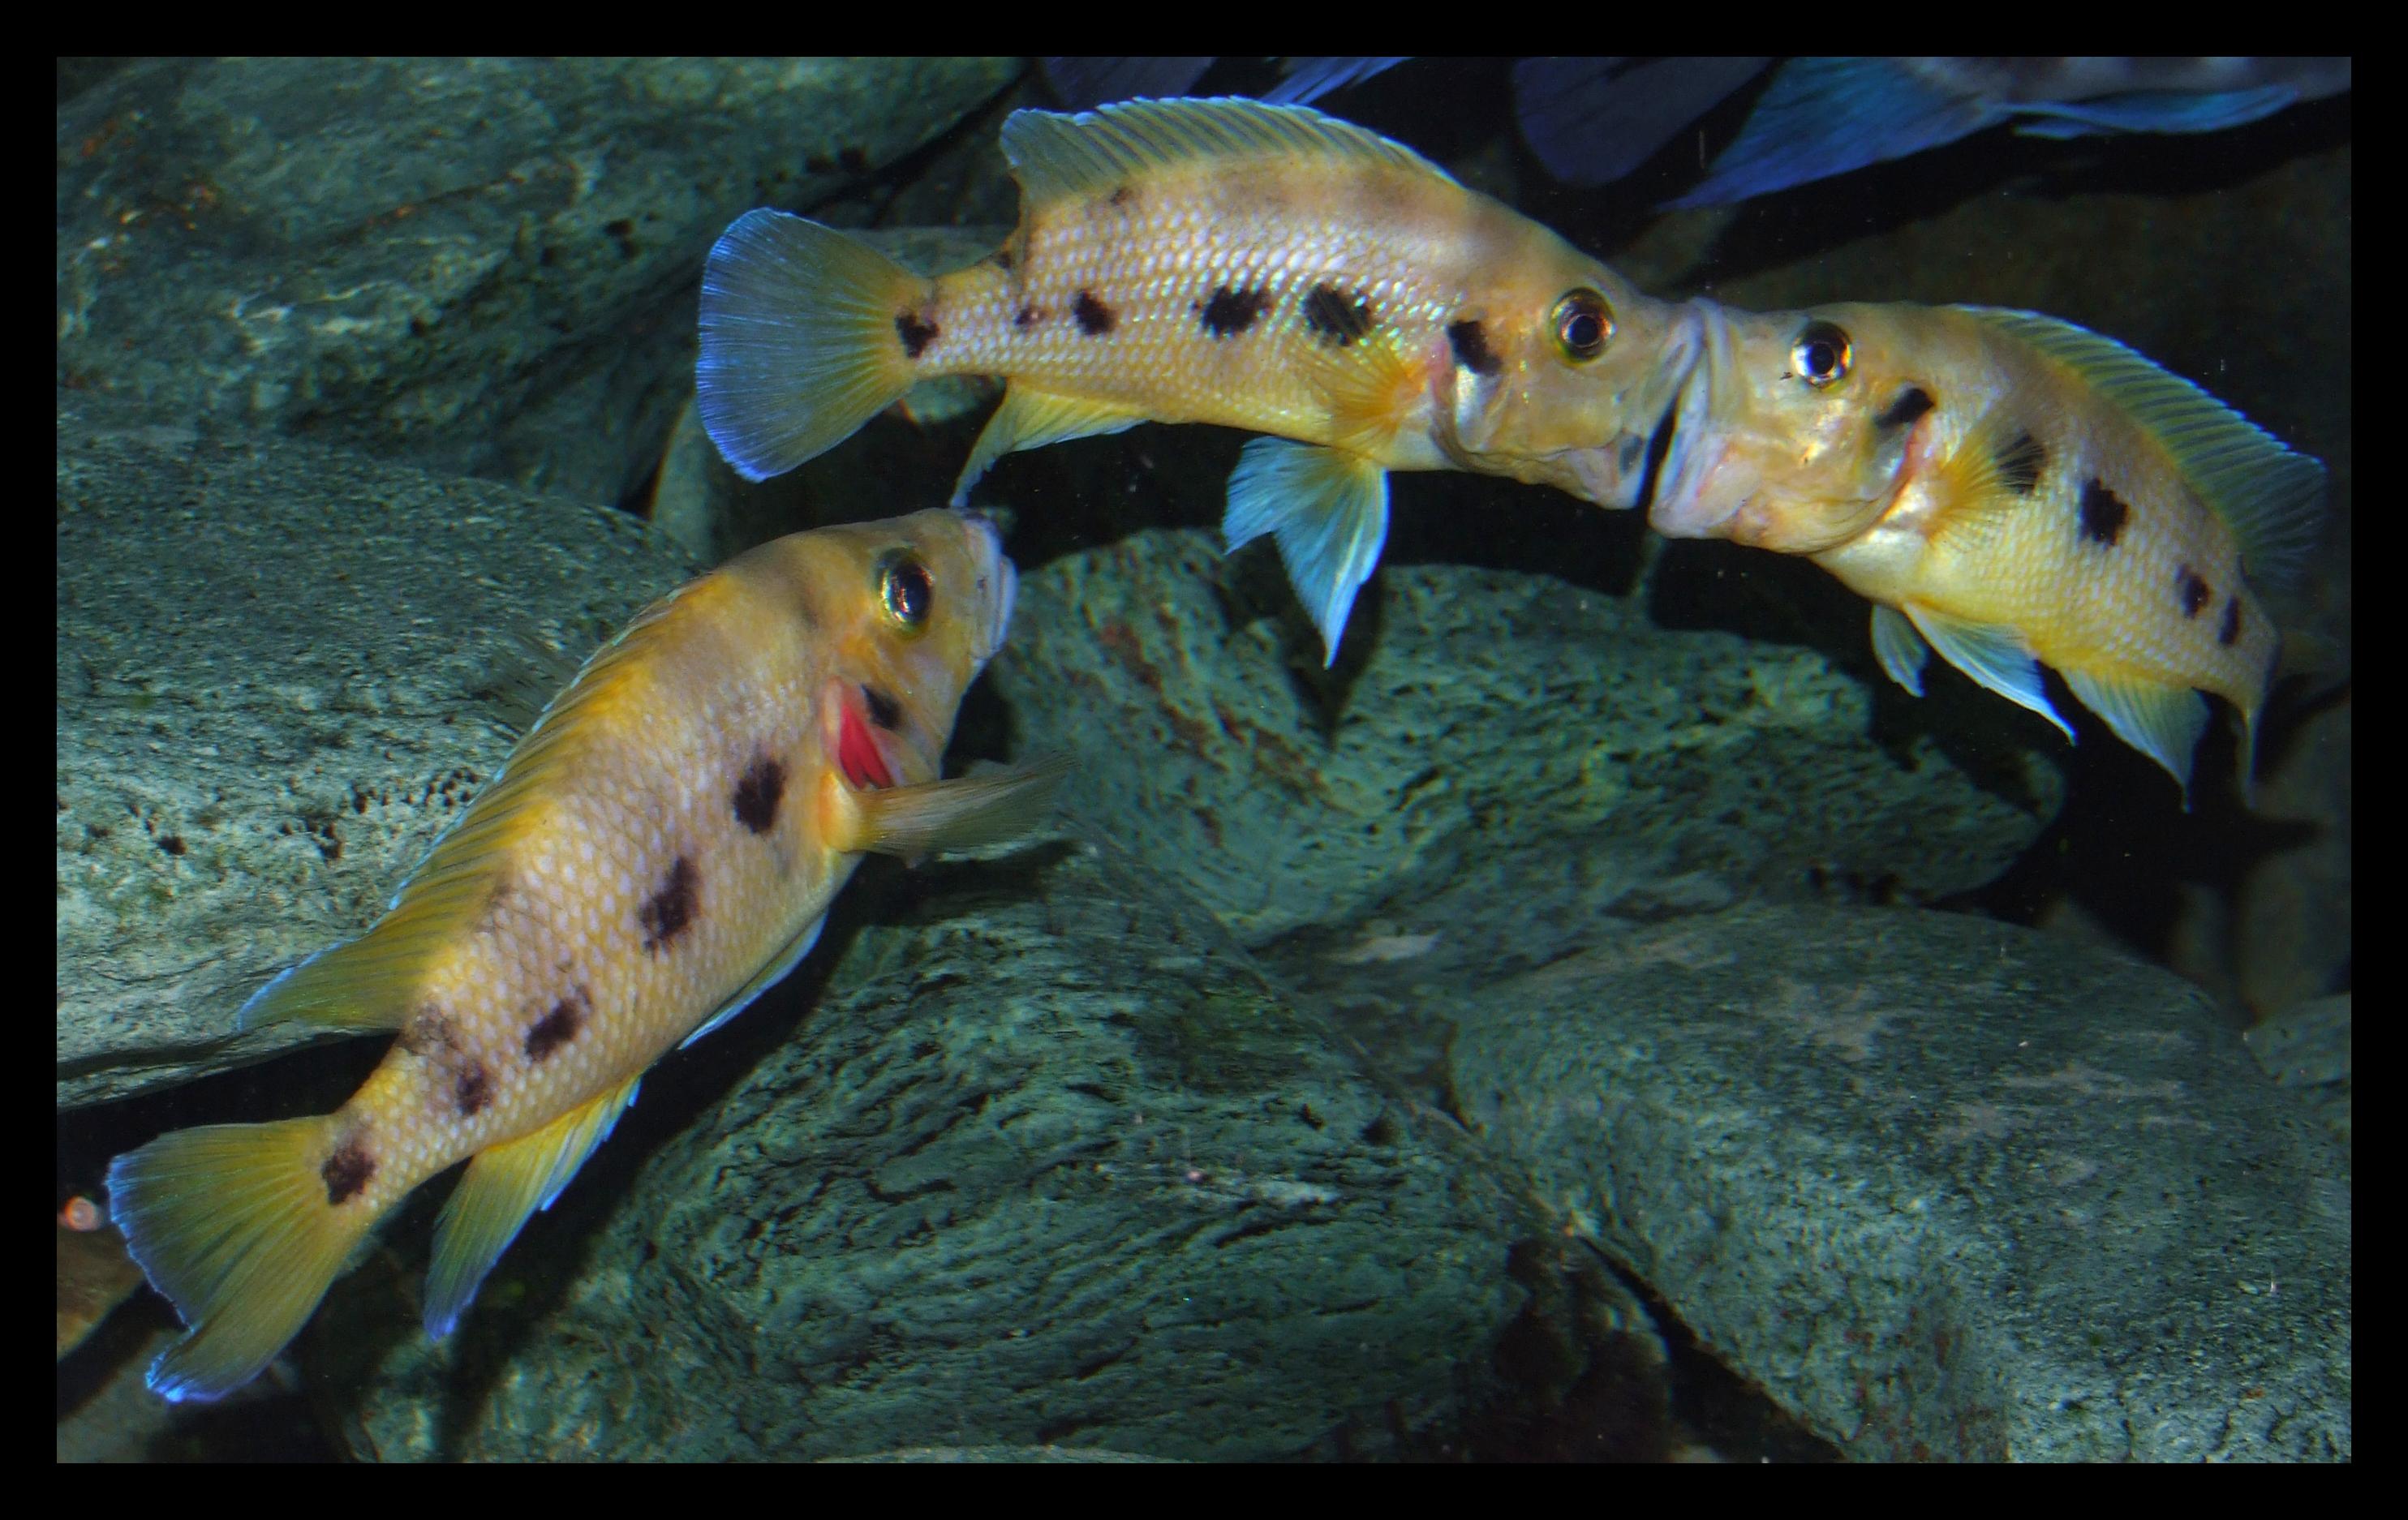 ماهی ها در حین مبارزه هوشیاری کمتری نسبت به محیط اطرافشان دارند